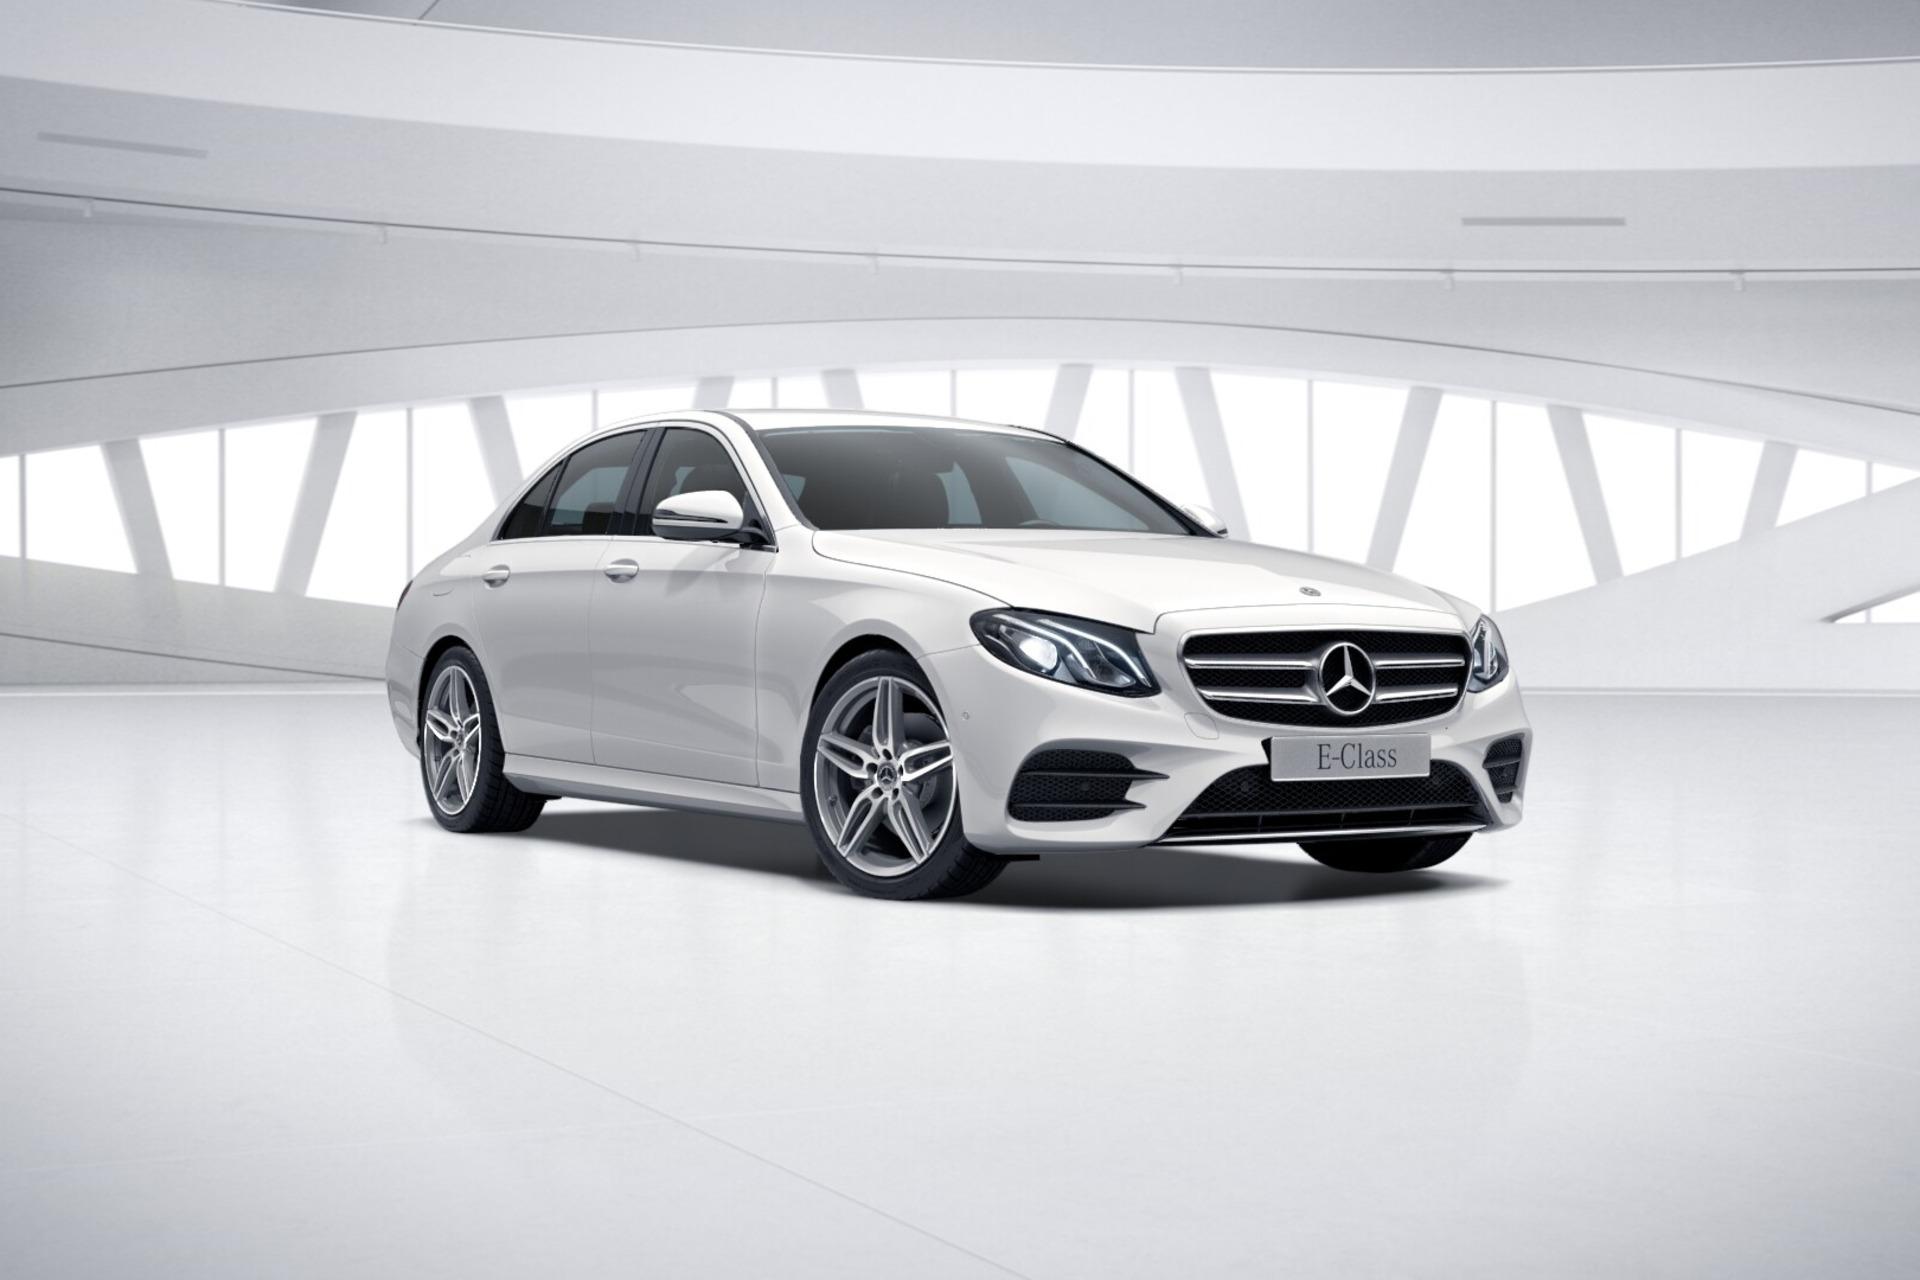 Mercedes-Benz E 180 952611419